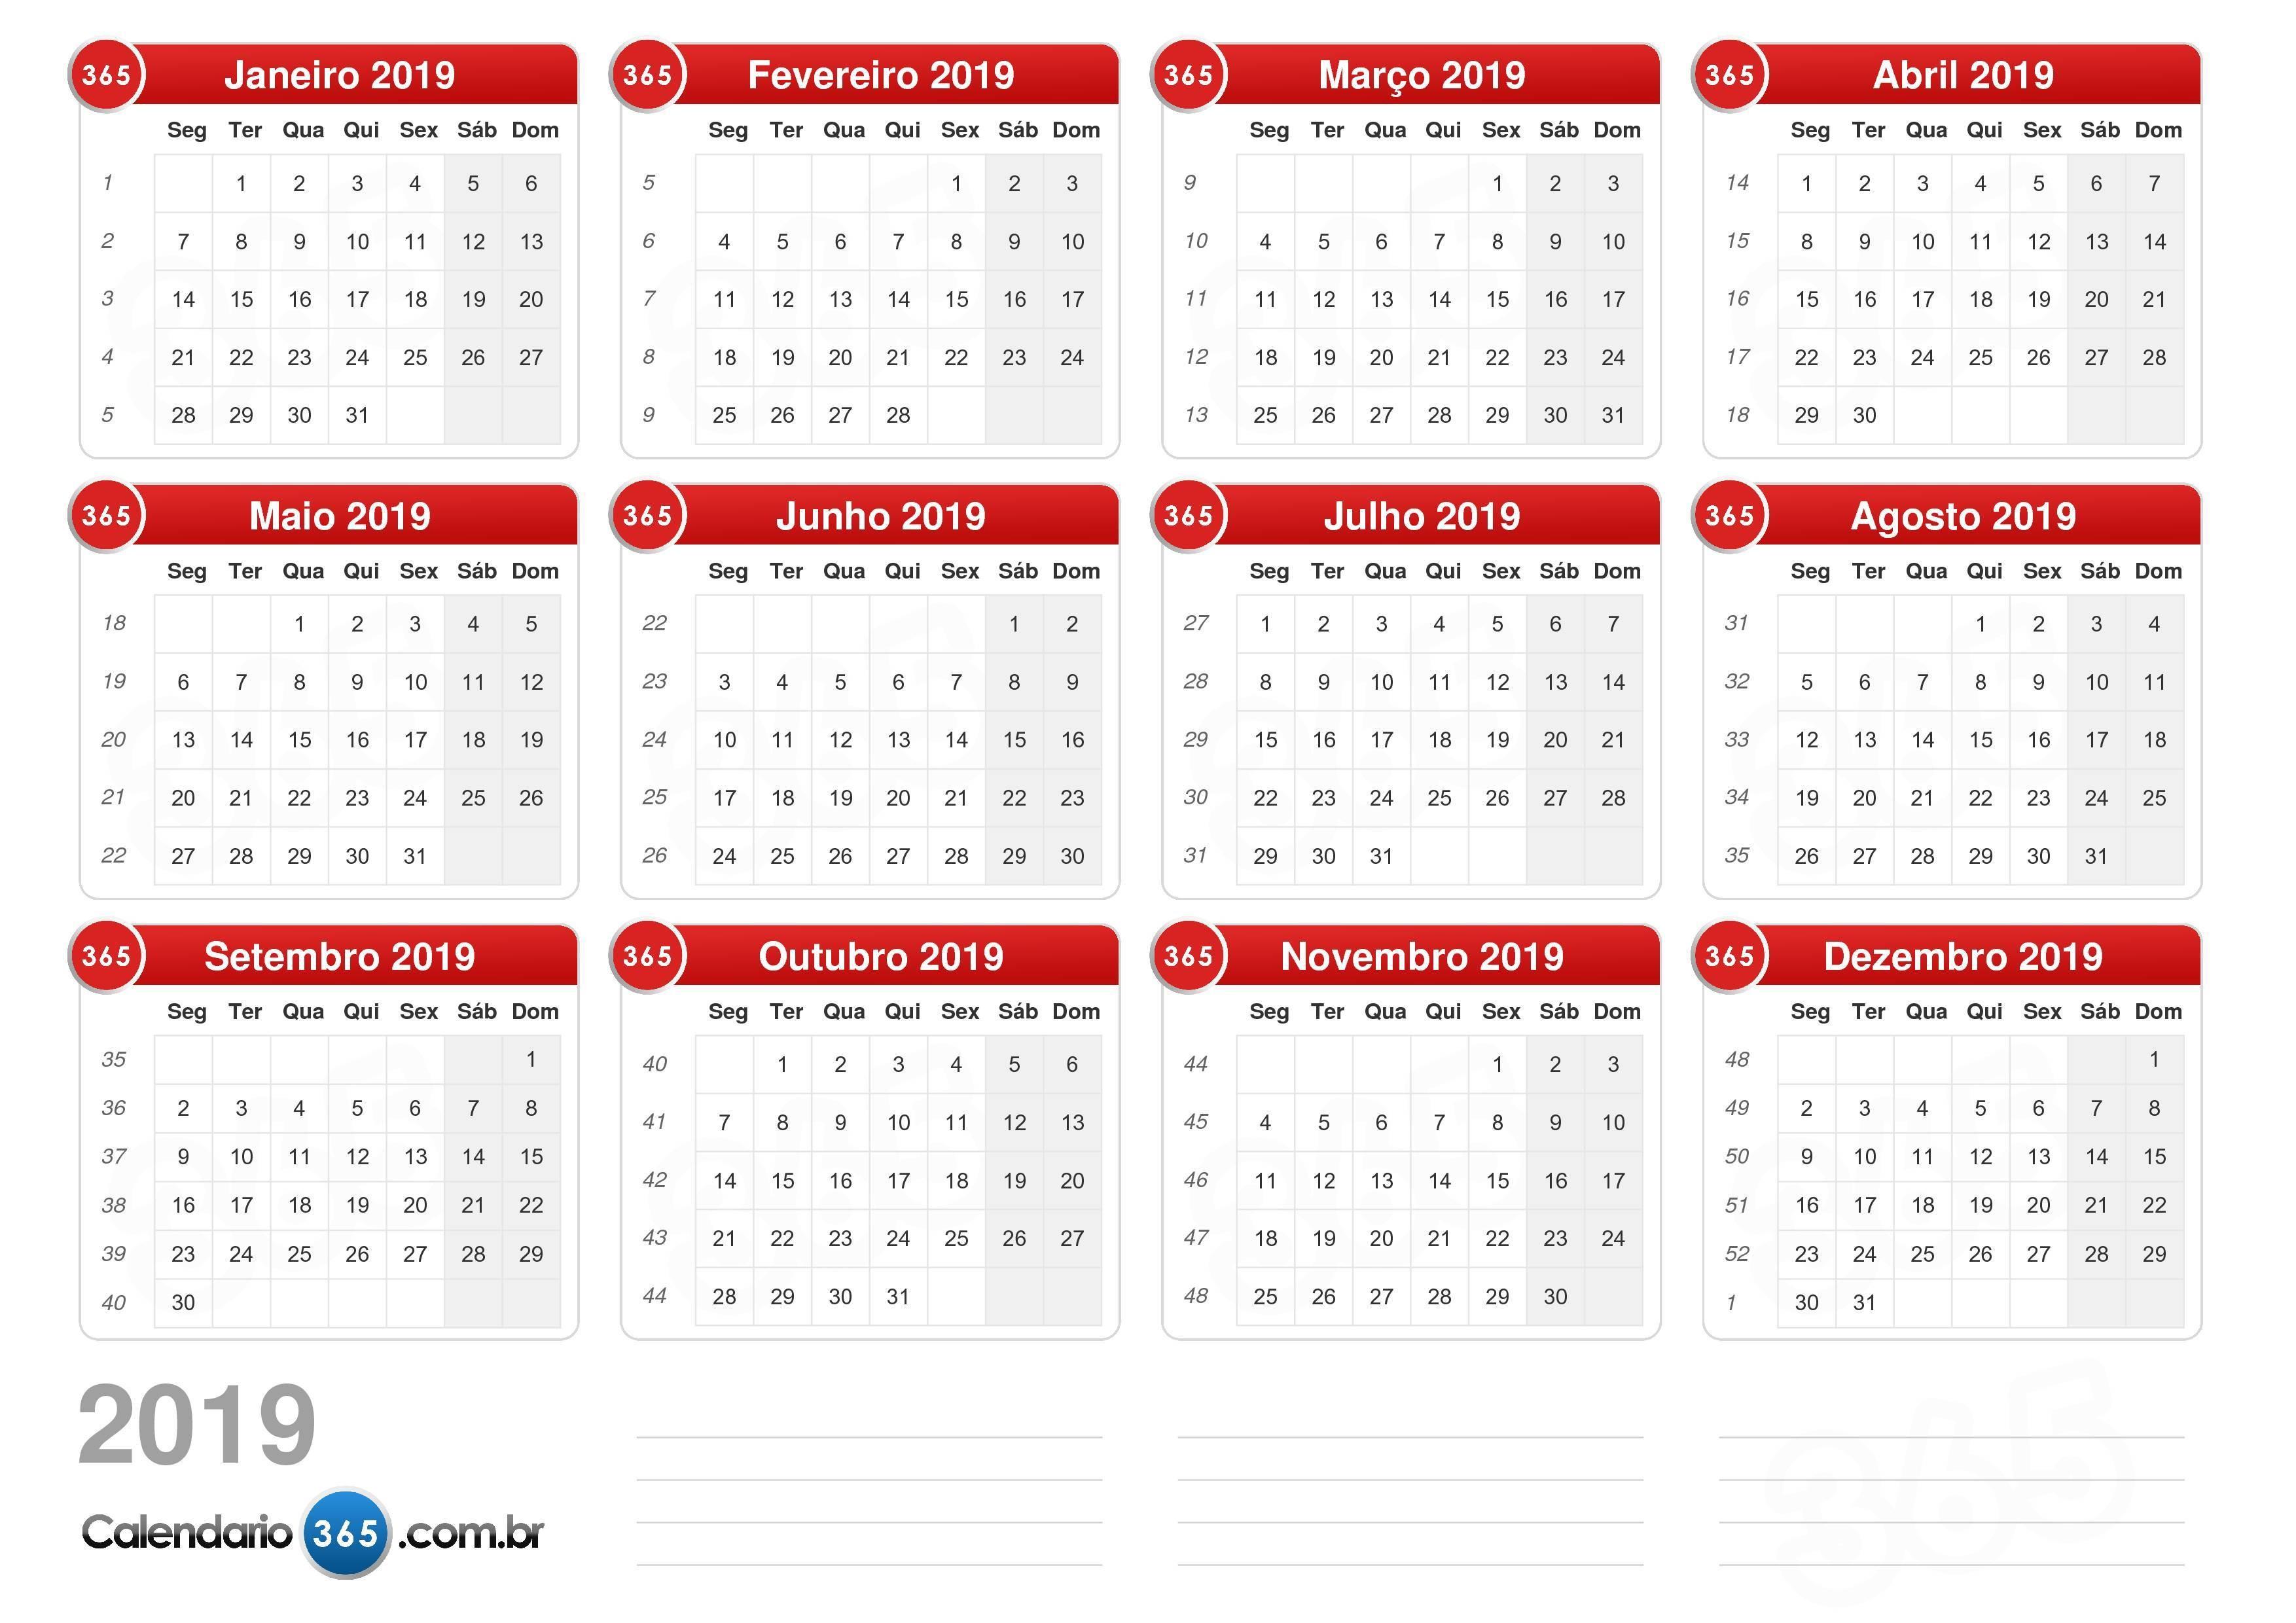 calendário 2019 v2 0